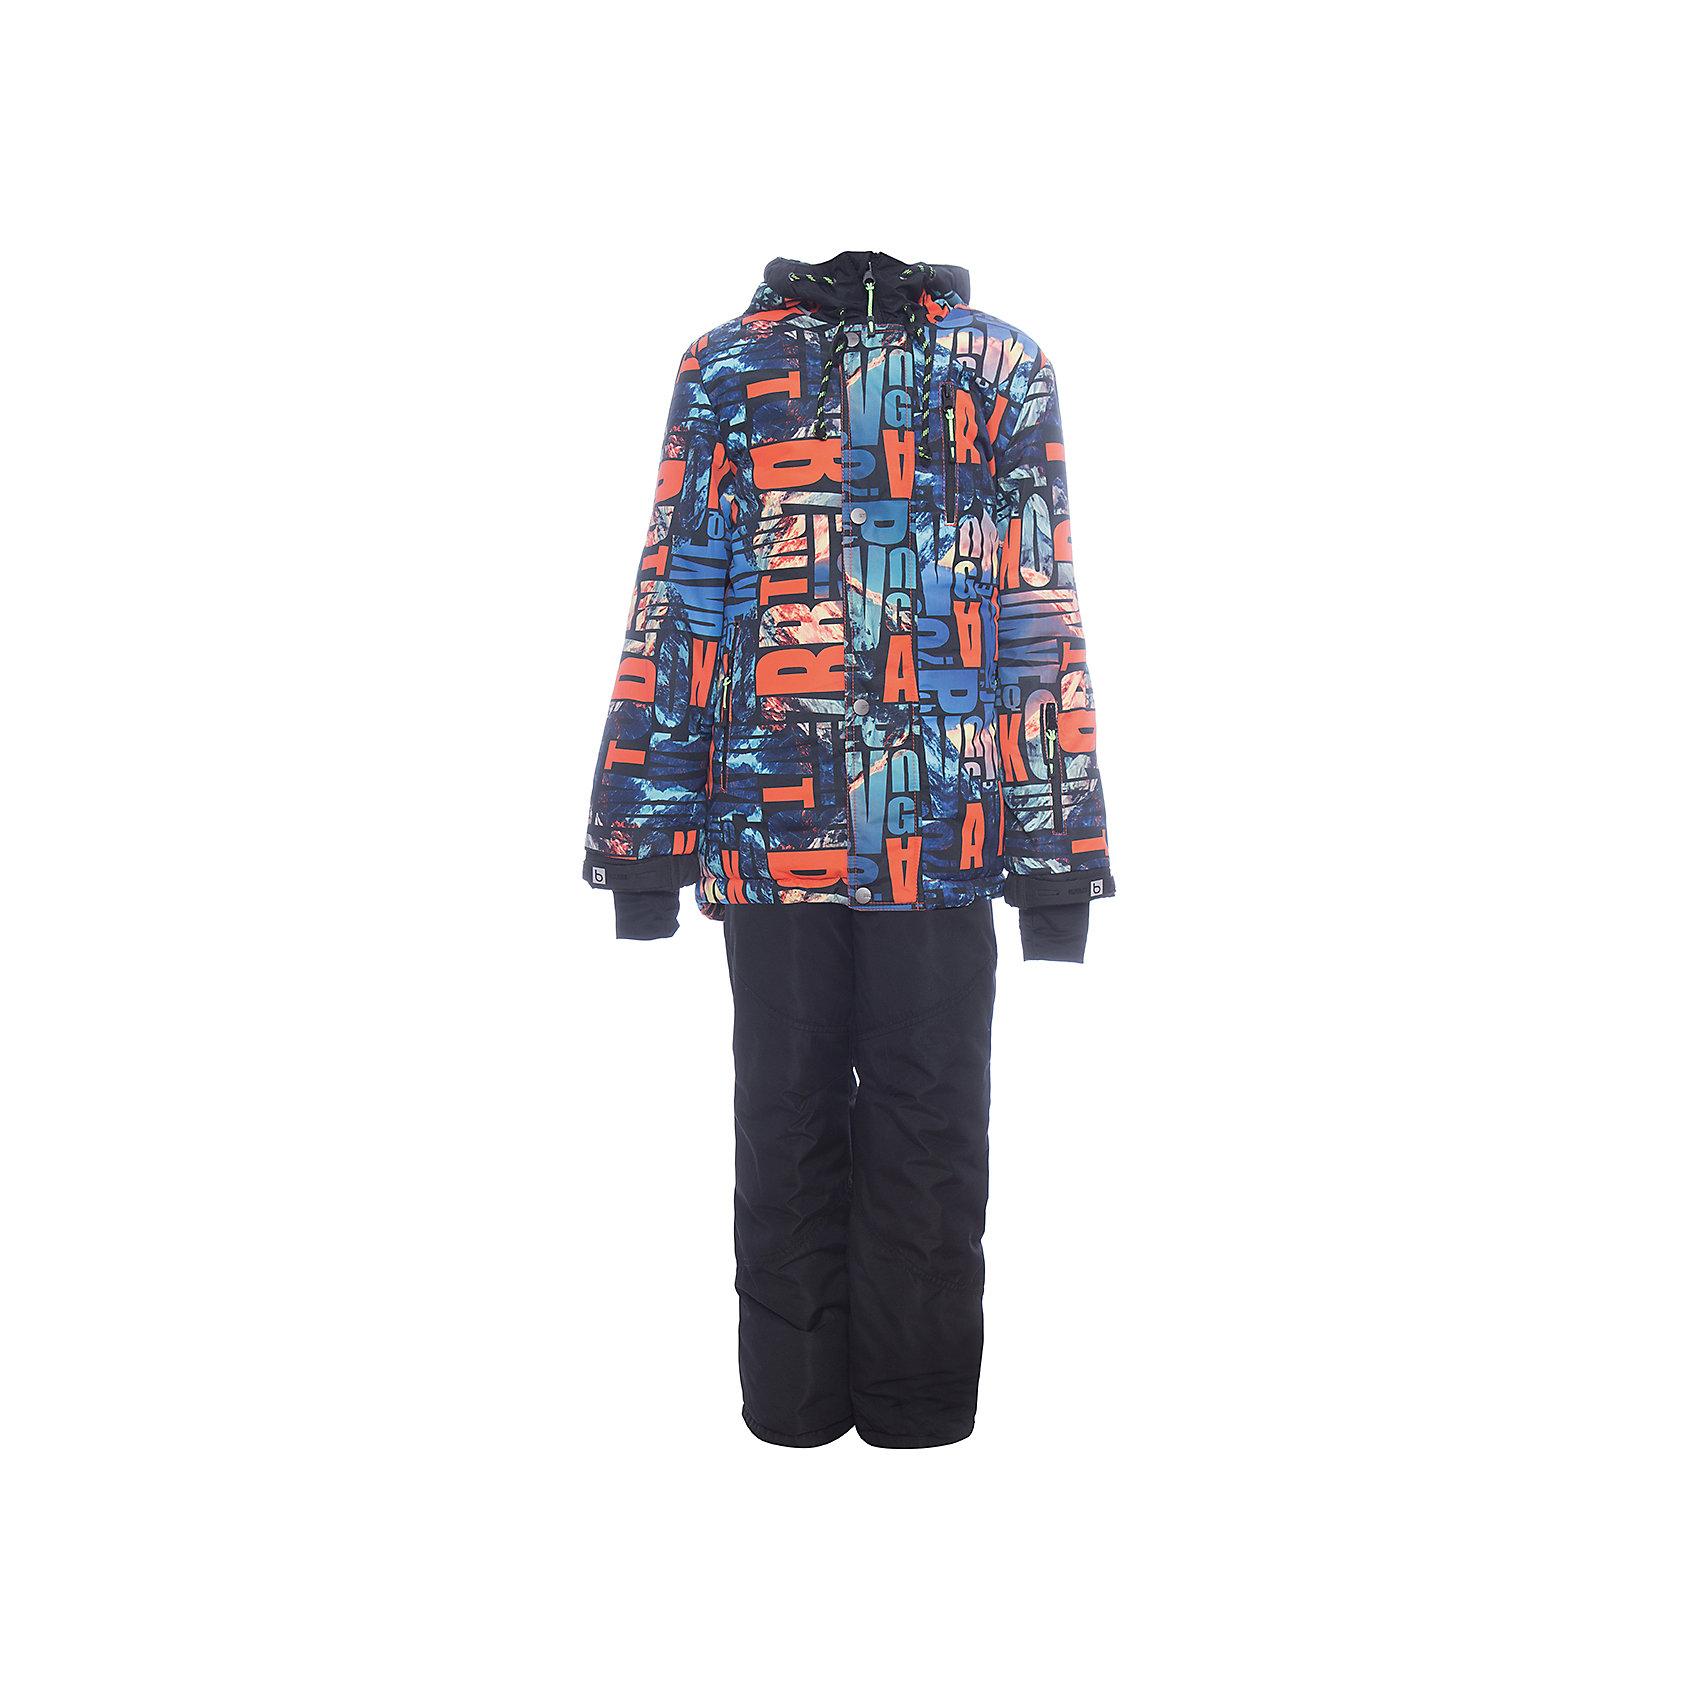 Комплект: куртка и полукомбенизон Коля Batik для мальчикаВерхняя одежда<br>Характеристики товара:<br><br>• цвет: оранжевый<br>• комплектация: куртка и полукомбинезон, горнолыжные очки<br>• состав ткани: таслан<br>• подкладка: поларфлис<br>• утеплитель: слайтекс<br>• сезон: зима<br>• мембранное покрытие<br>• температурный режим: от -35 до 0<br>• водонепроницаемость: 5000 мм <br>• паропроницаемость: 5000 г/м2<br>• плотность утеплителя: куртка - 350 г/м2, полукомбинезон - 200 г/м2<br>• застежка: молния<br>• капюшон: без меха, отстегивается<br>• встроенный термодатчик<br>• страна бренда: Россия<br>• страна изготовитель: Россия<br><br>Модный комплект для мальчика дополнен горнолыжными очками. Прочное мембранное покрытие комплекта для мальчика позволяет ребенку не мерзнуть в сильный мороз. Зимний детский комплект защитит ребенка от попадания снега внутрь благодаря манжетам. Мягкая подкладка детского комплекта для зимы делает его очень комфортным. <br><br>Комплект: куртка и полукомбинезон Коля Batik (Батик) для мальчика можно купить в нашем интернет-магазине.<br><br>Ширина мм: 356<br>Глубина мм: 10<br>Высота мм: 245<br>Вес г: 519<br>Цвет: оранжевый<br>Возраст от месяцев: 120<br>Возраст до месяцев: 132<br>Пол: Мужской<br>Возраст: Детский<br>Размер: 146,152,158,128,134,140<br>SKU: 7028389